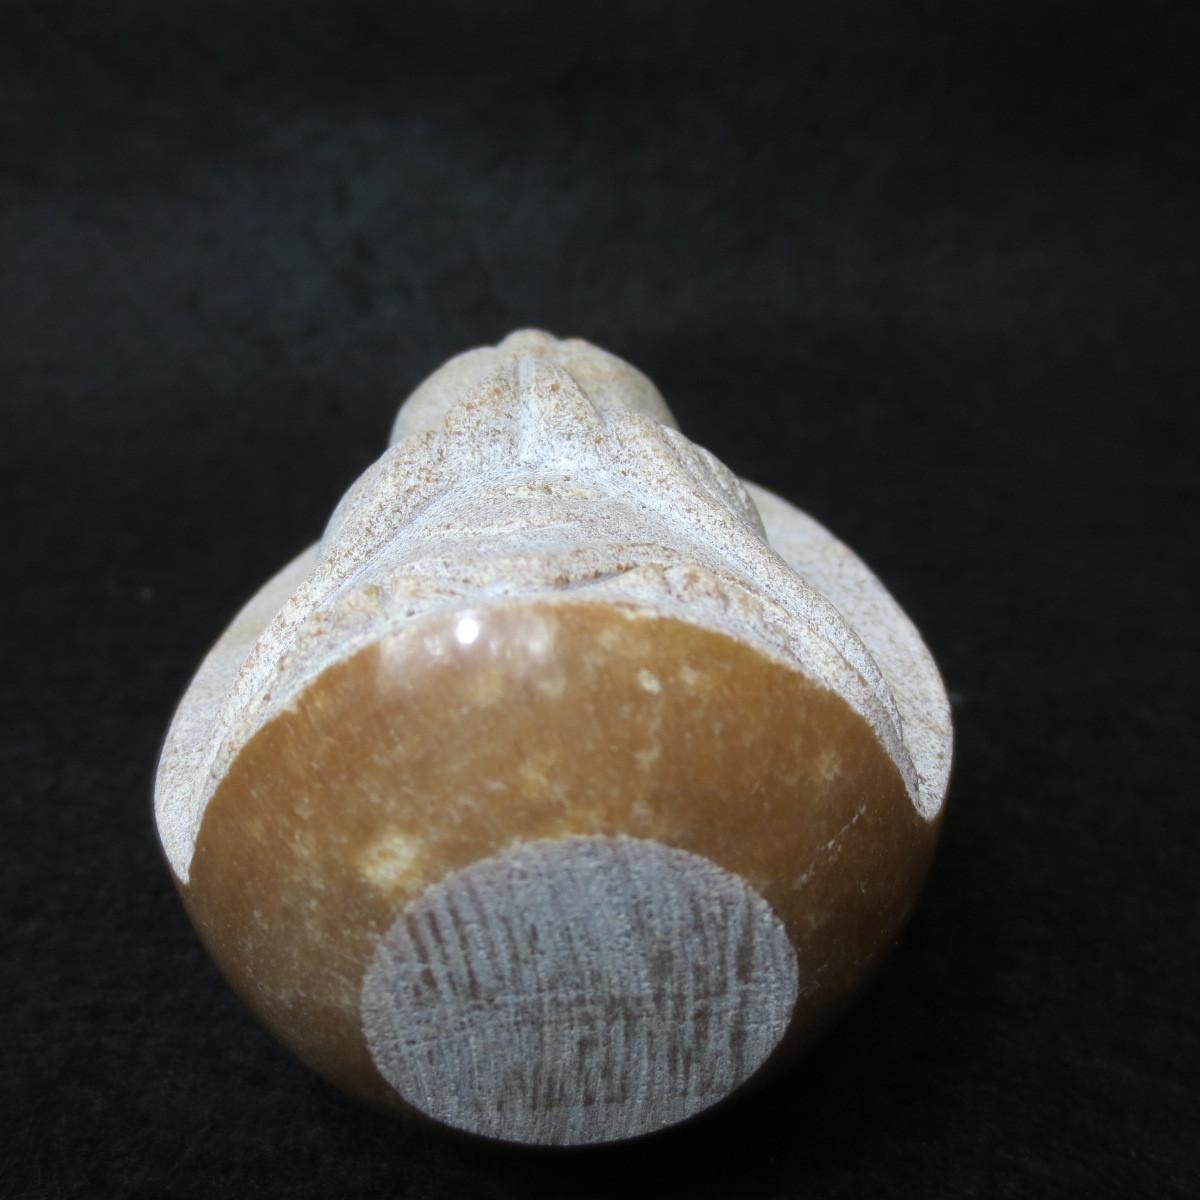 おじぞうさん おじぞうさま 玉子型 小さい かわいい 癒しのお地蔵さん 手作り ブラウンマーブル TB-G 置物 地蔵 大理石_画像9